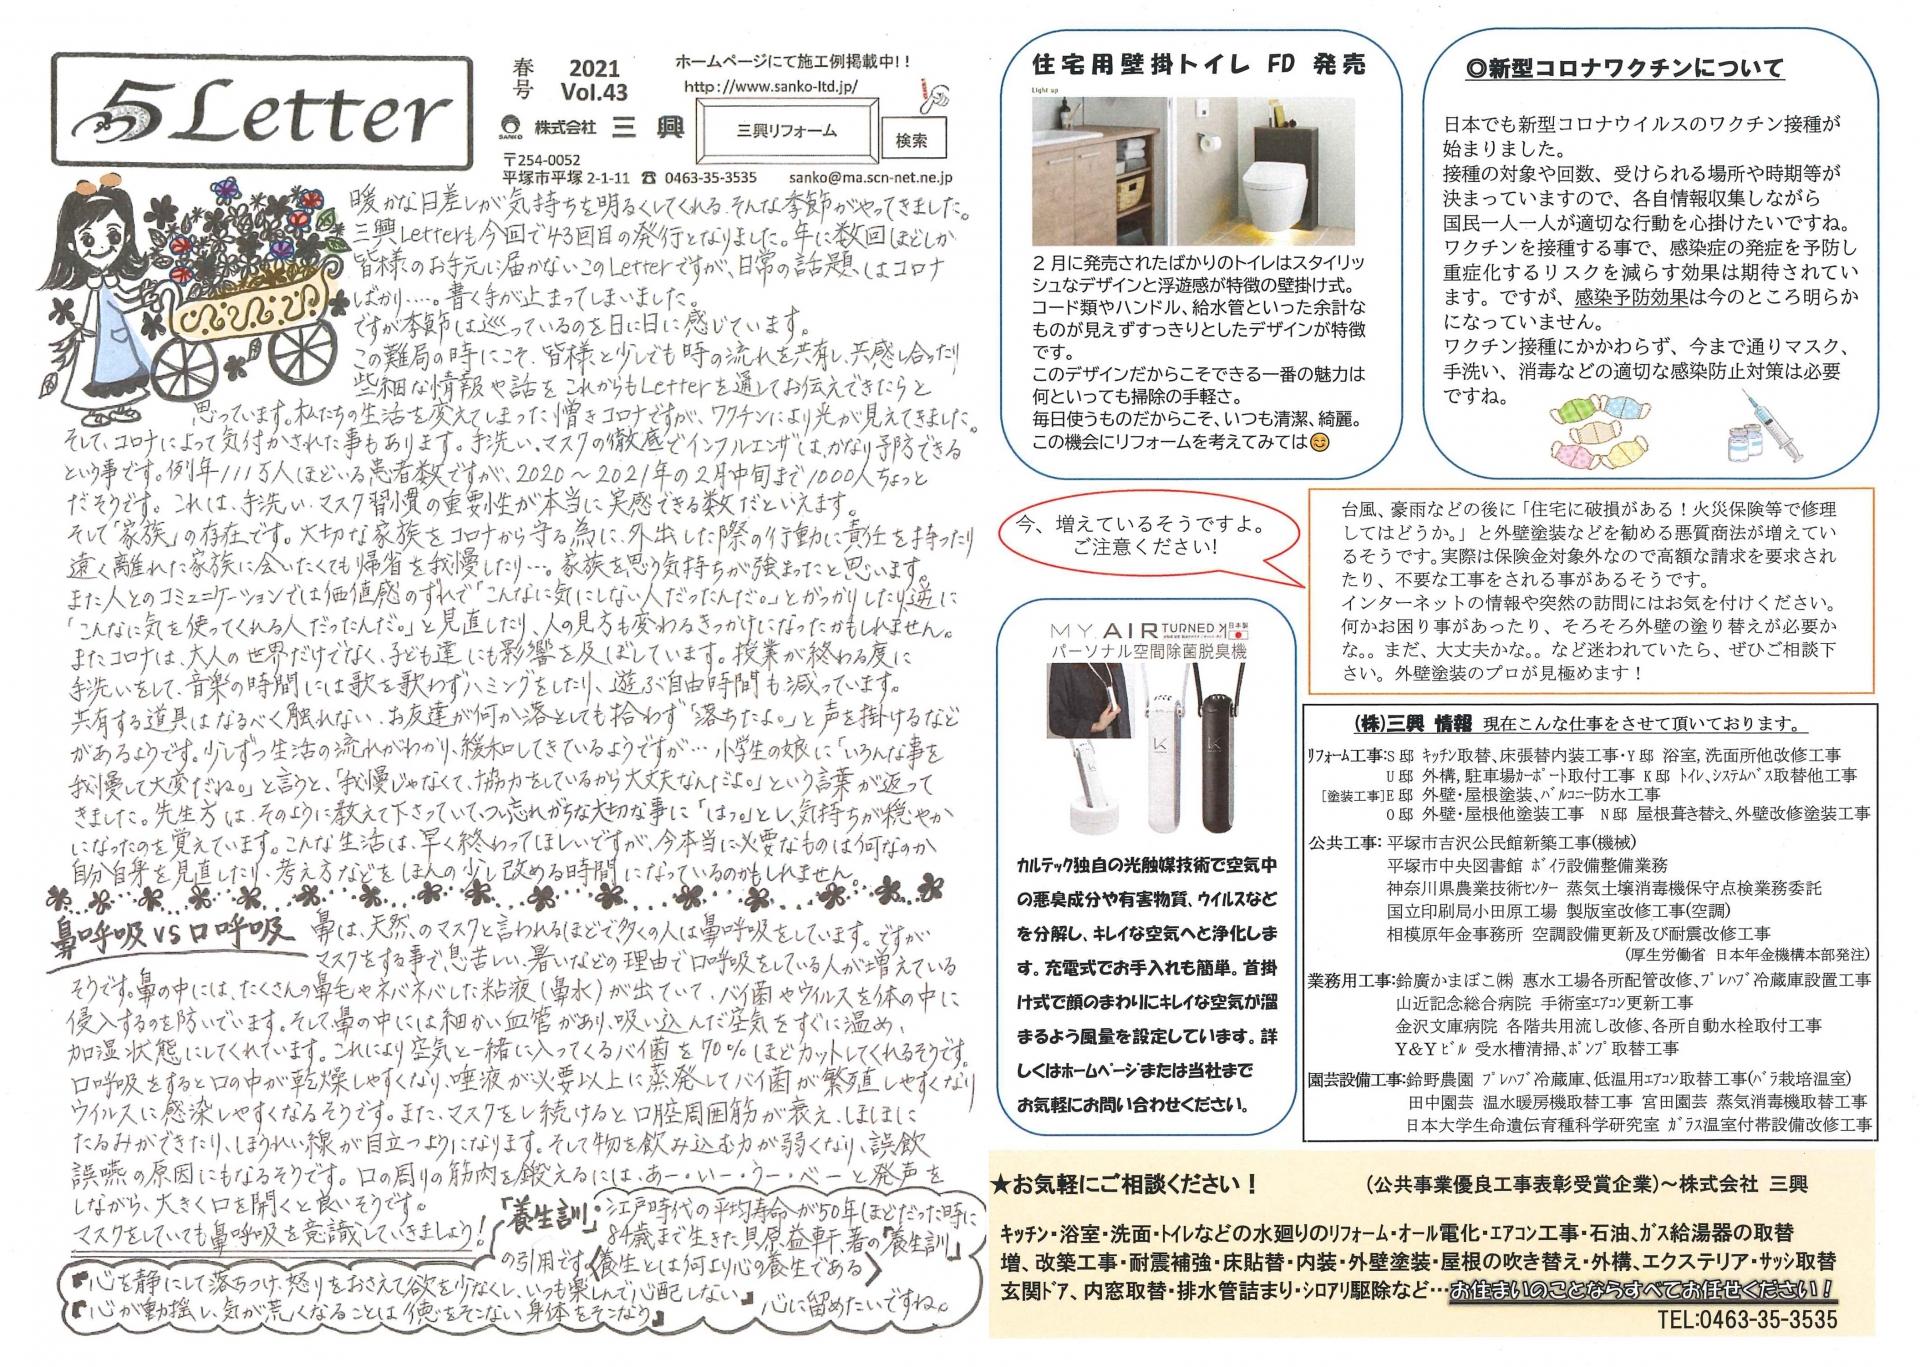 最新号35レター出ました!(vol.43)